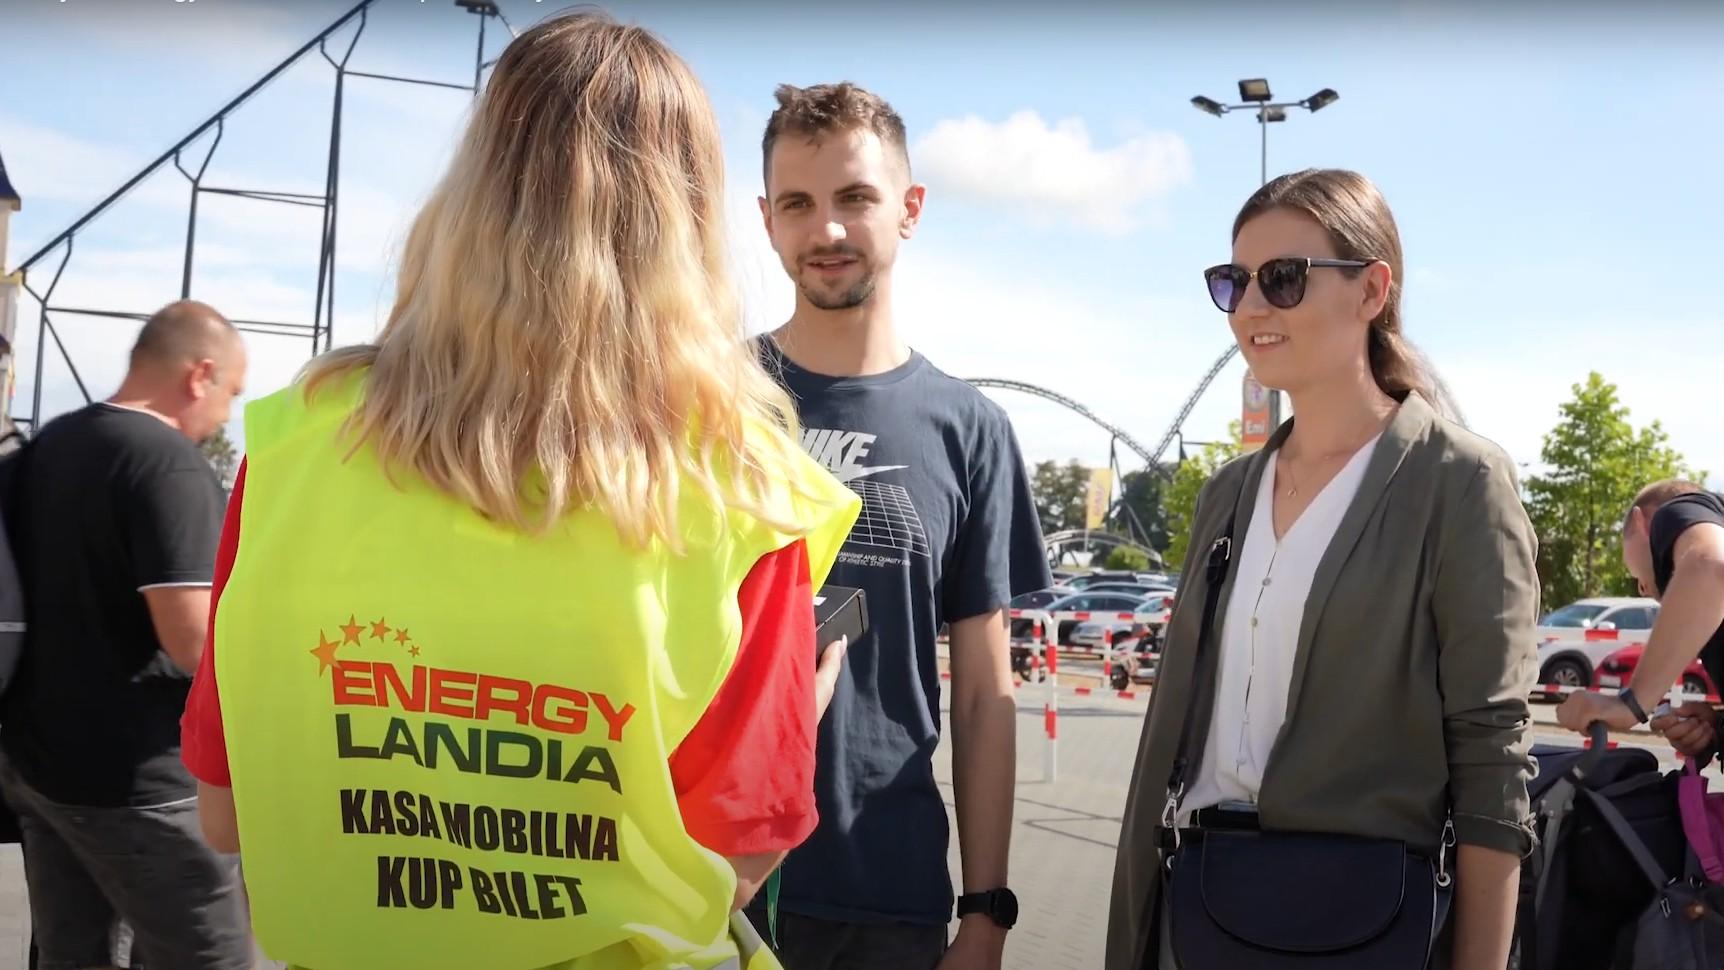 Największy park rozrywki w Polsce — Energylandia — wprowadza innowacyjne rozwiązanie pozwalające wyeliminować kolejki do kas biletowych, a także zapewnić gościom jeszcze większy komfort i bezpieczeństwo.